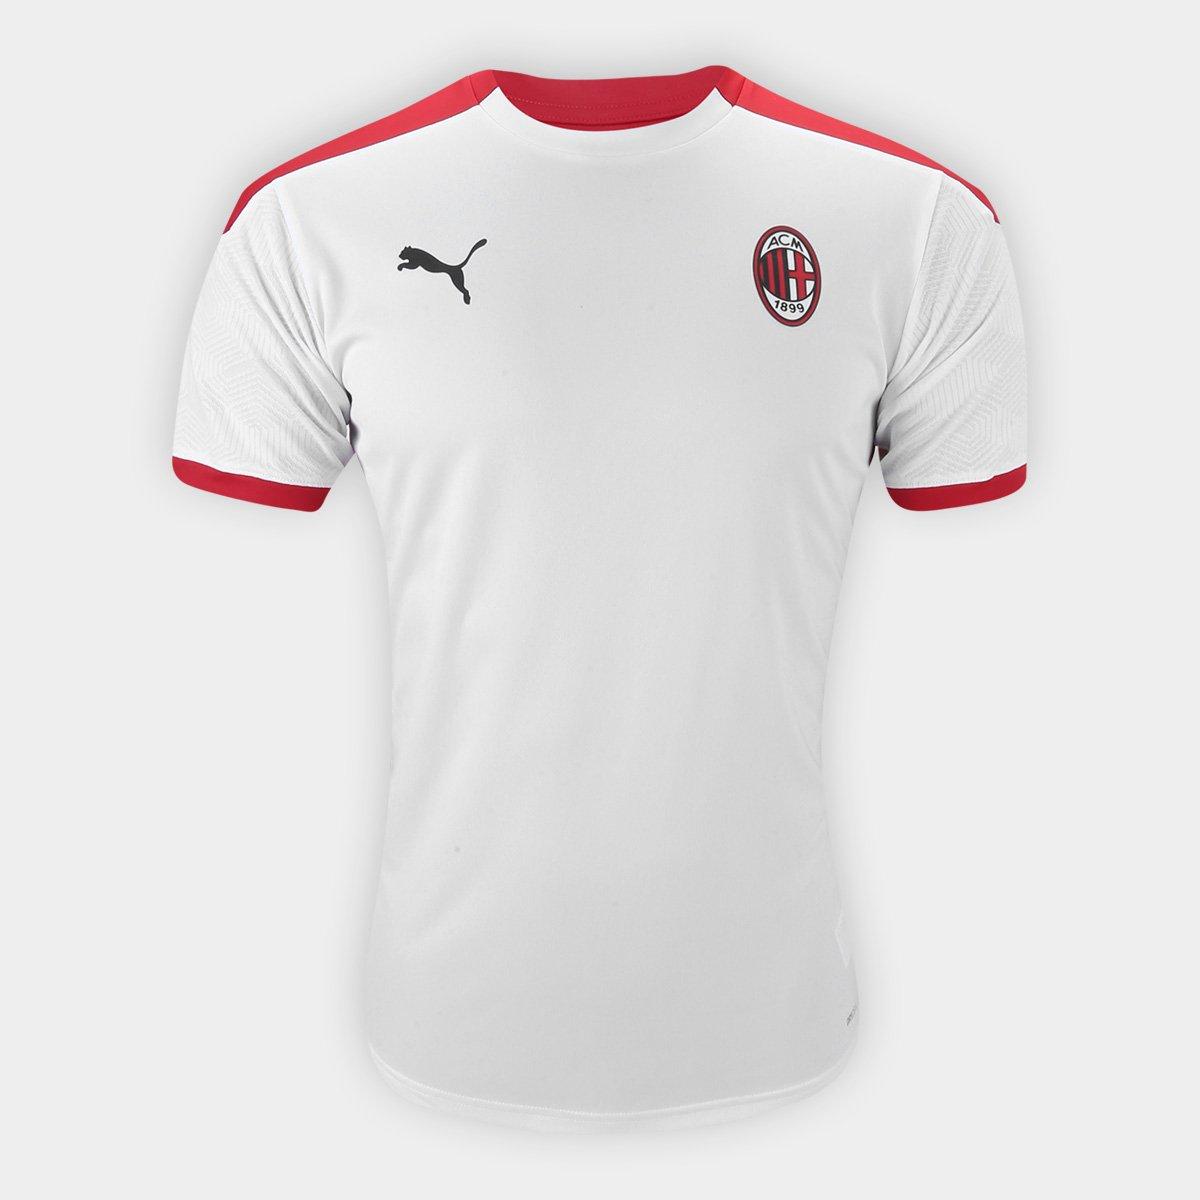 Camisa Milan Treino 20/21 Puma Masculina